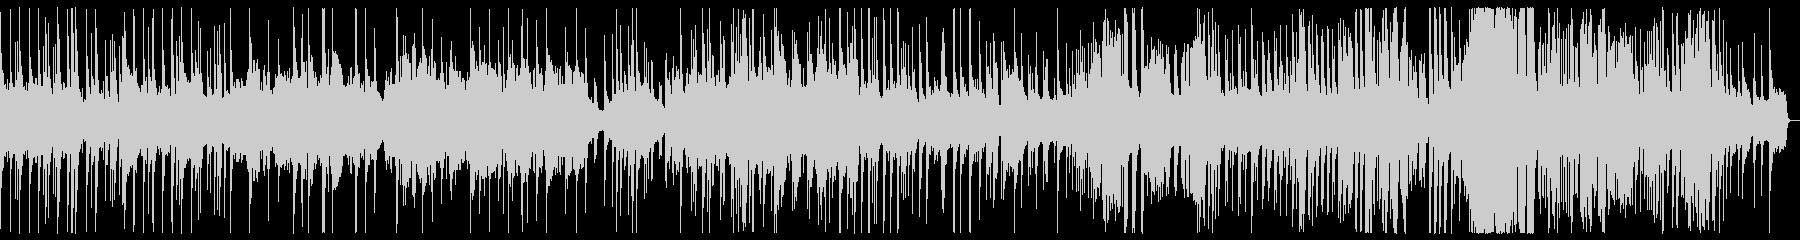 千鳥の曲 神秘的なサウンドの未再生の波形